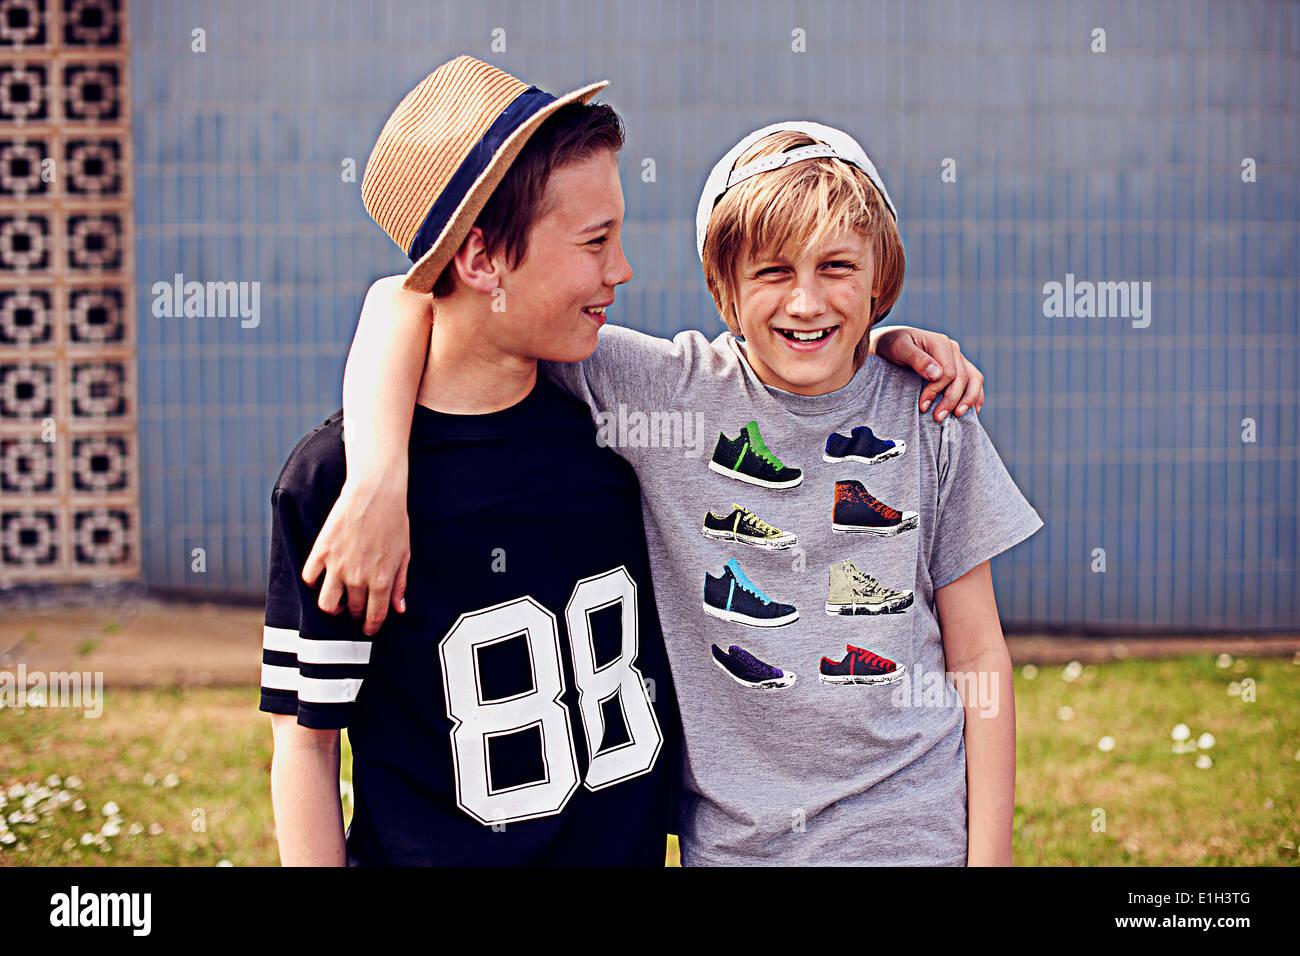 Zwei jungen mit Arme um einander, portrait Stockbild